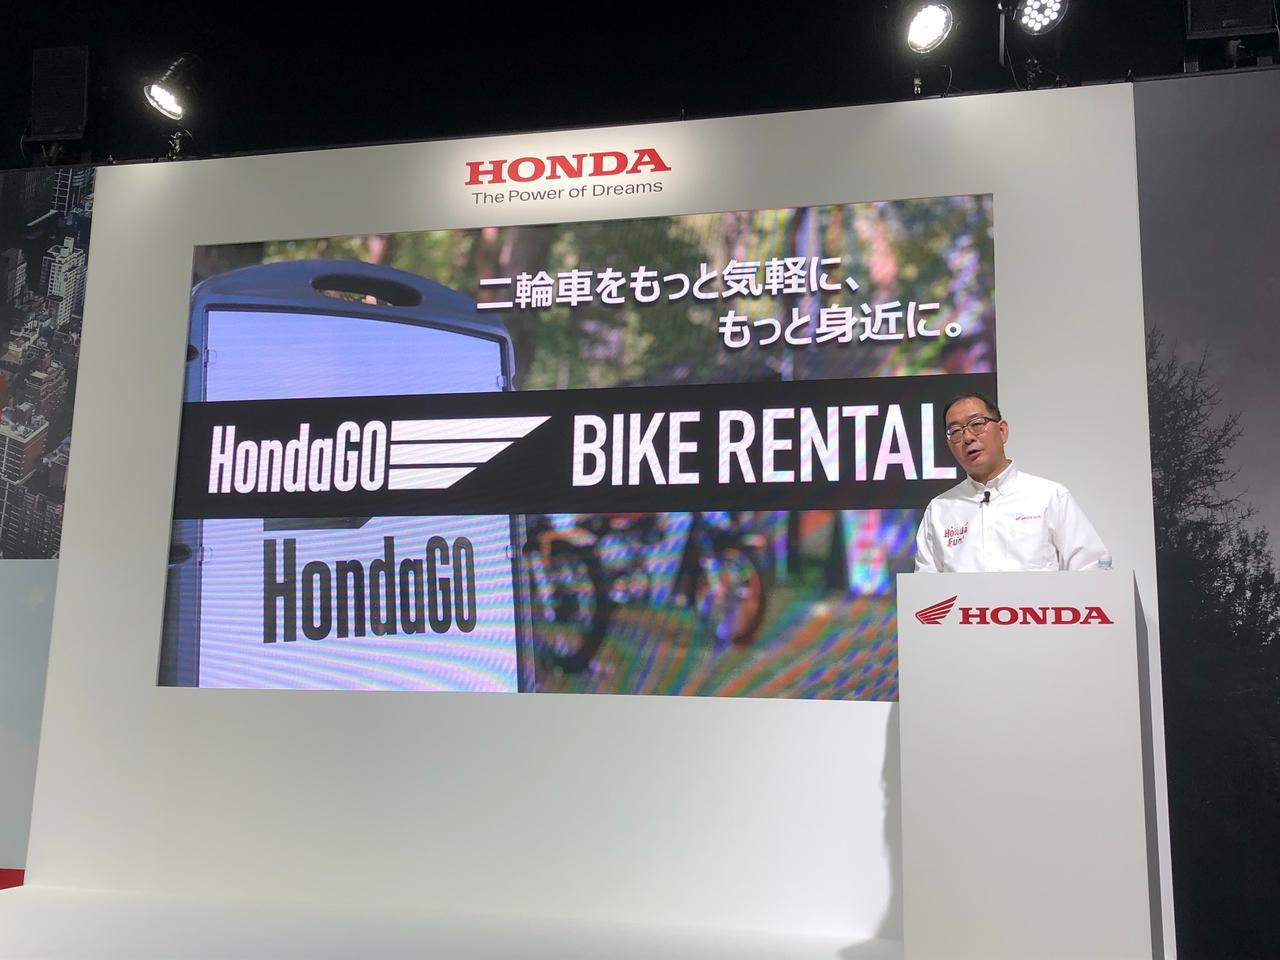 画像1: そして、4月6日から新たに始まるのが 「ホンダゴー・バイク・レンタル」 。